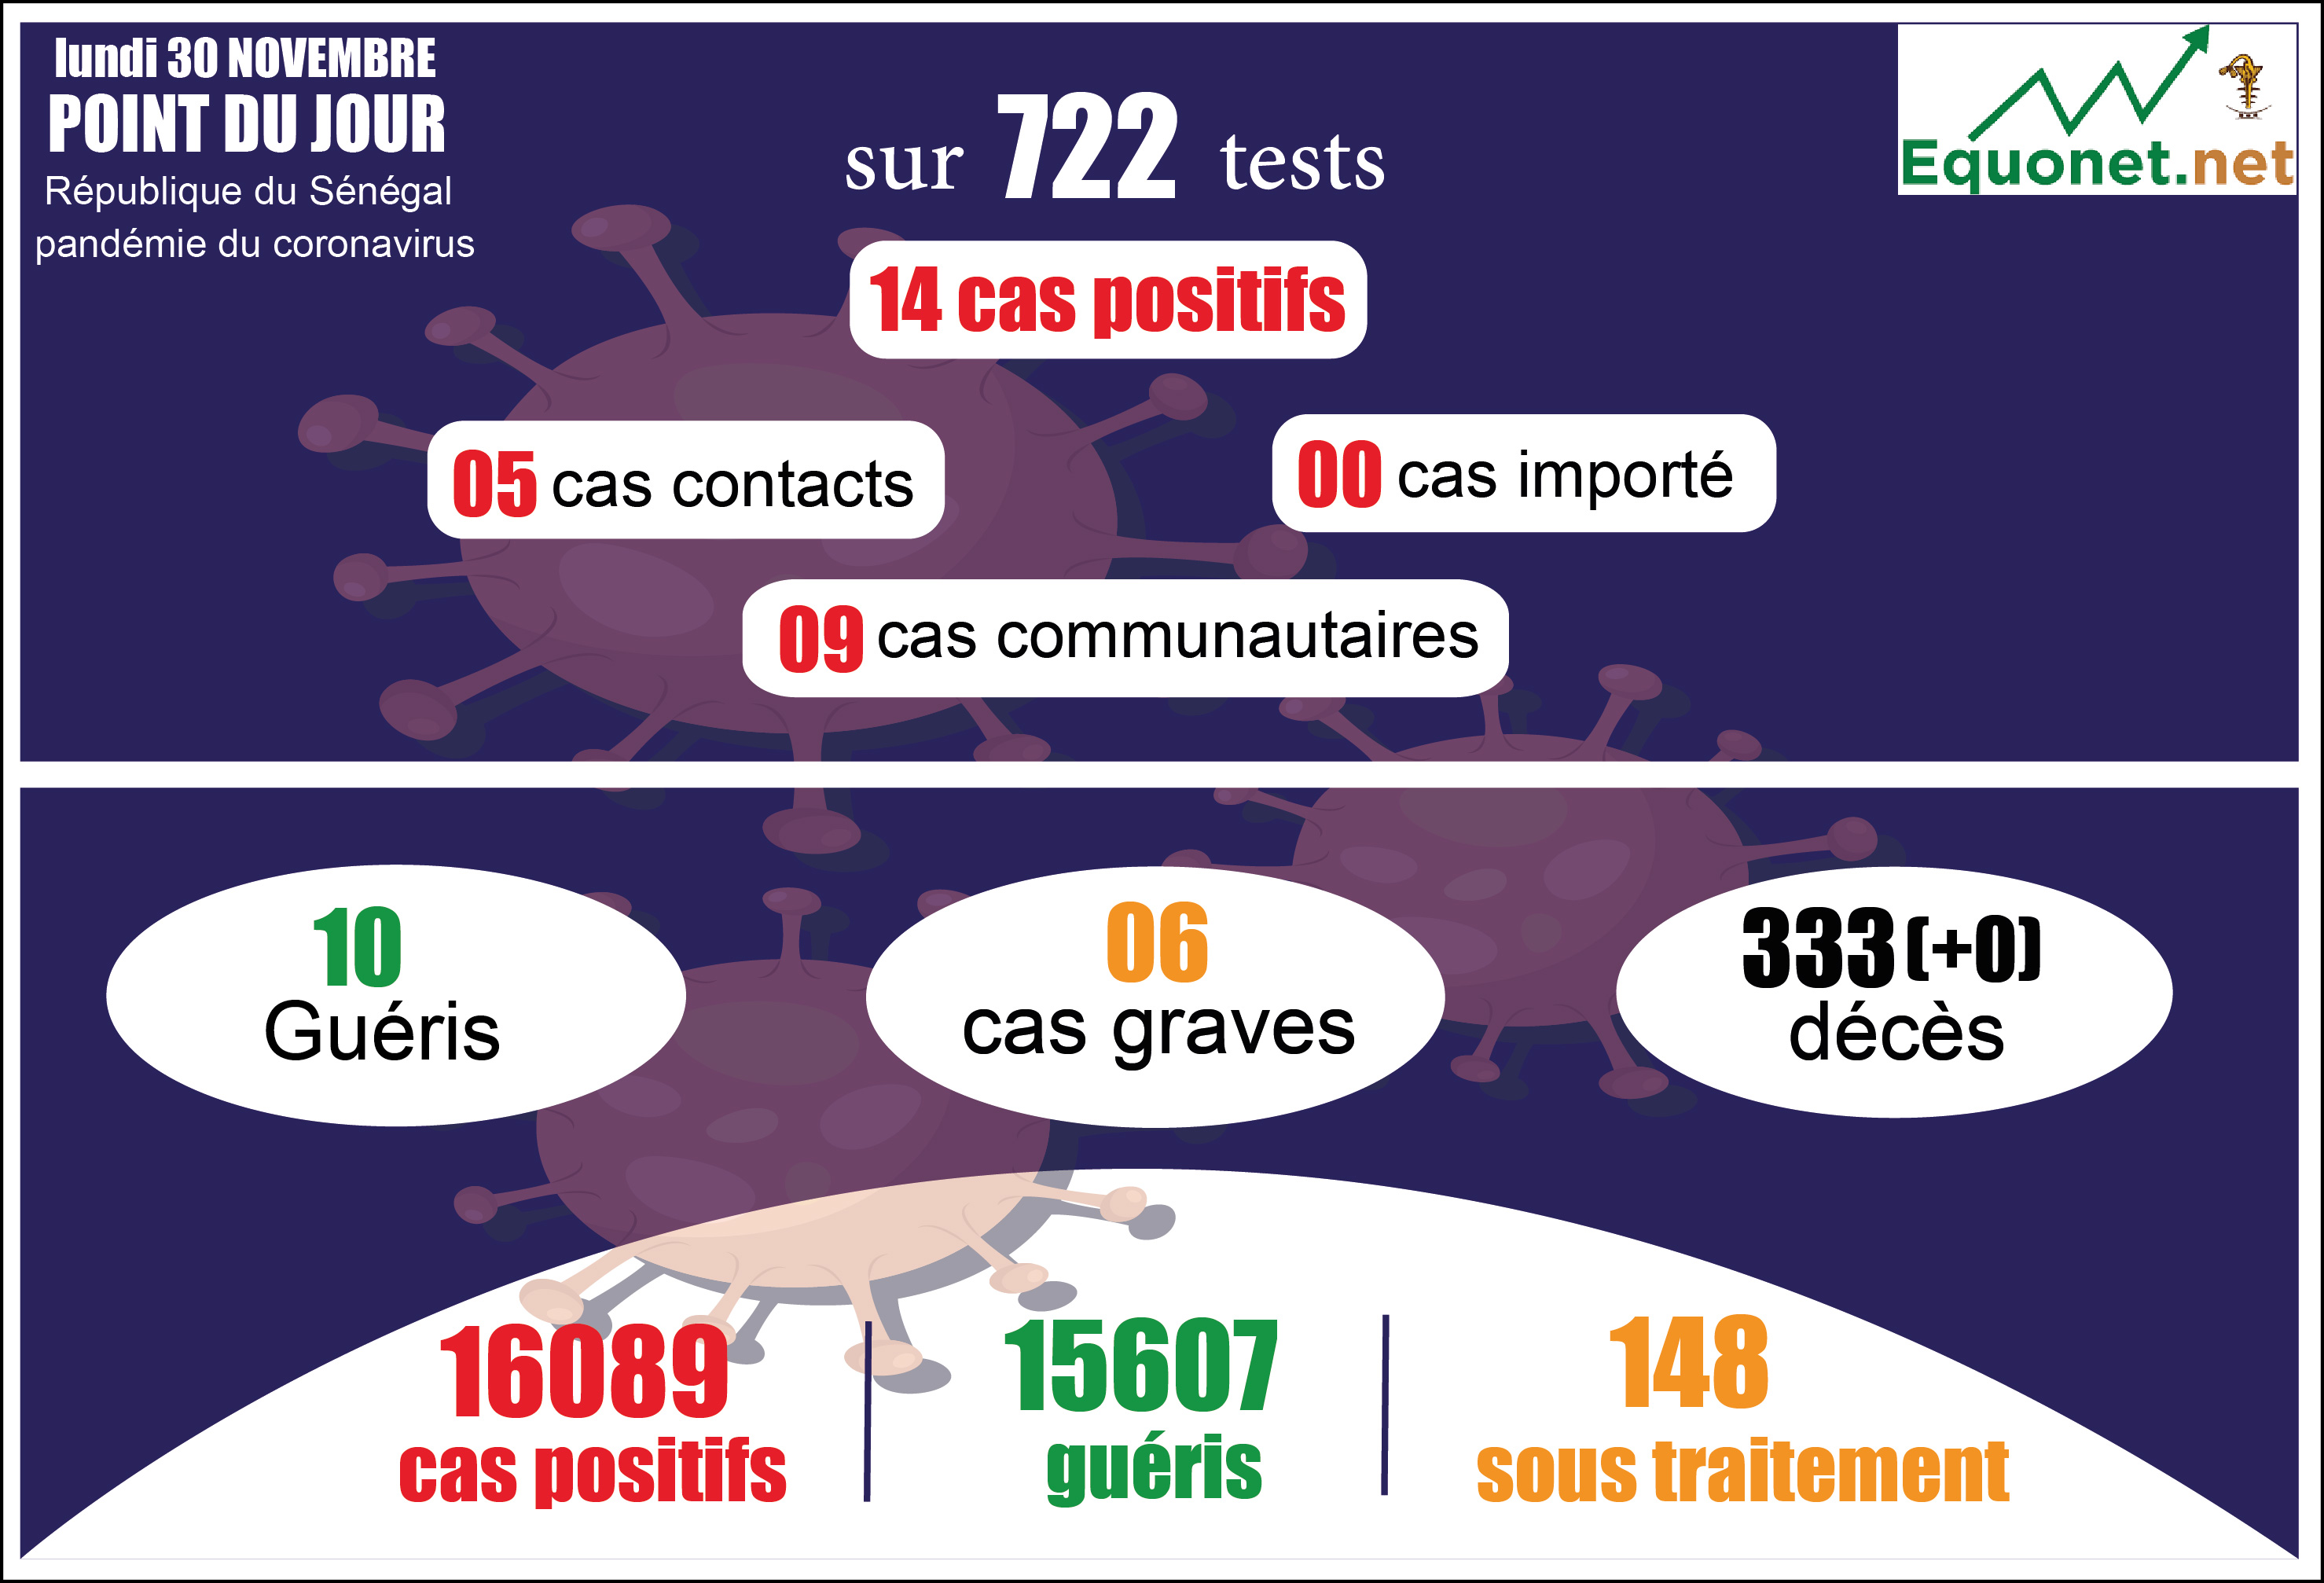 pandémie du coronavirus-covid-19 au sénégal : point de situation du lundi 30 novembre 2020